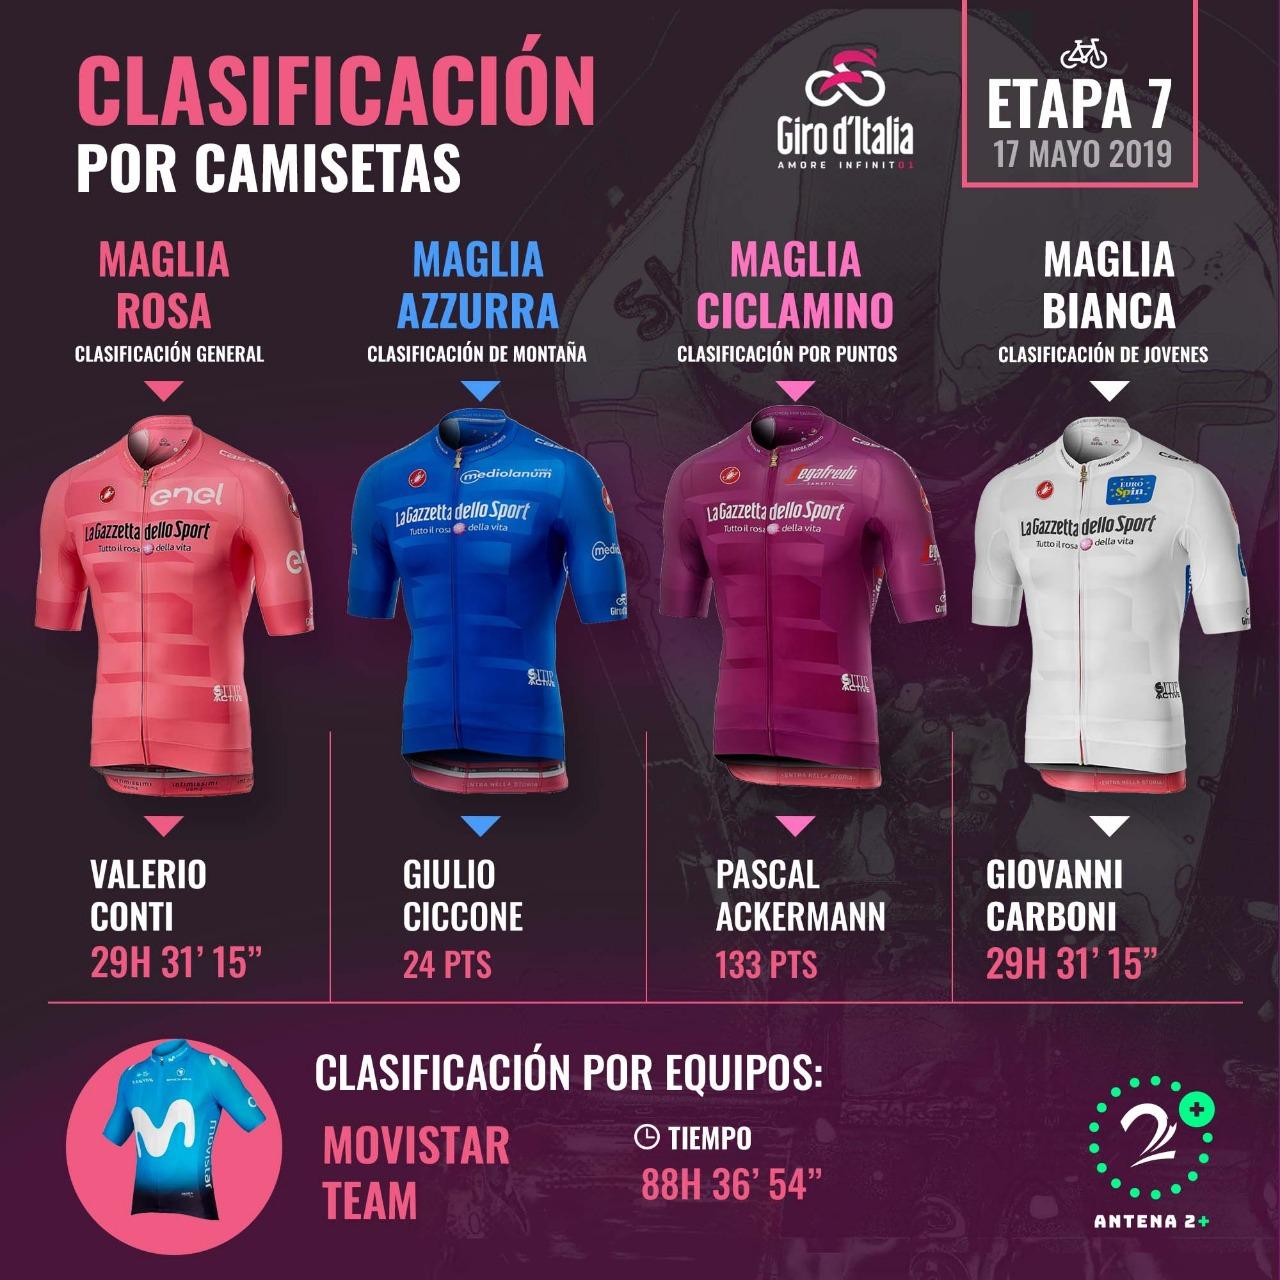 Clasificaciones y líderes de las camisetas en el Giro de Italia